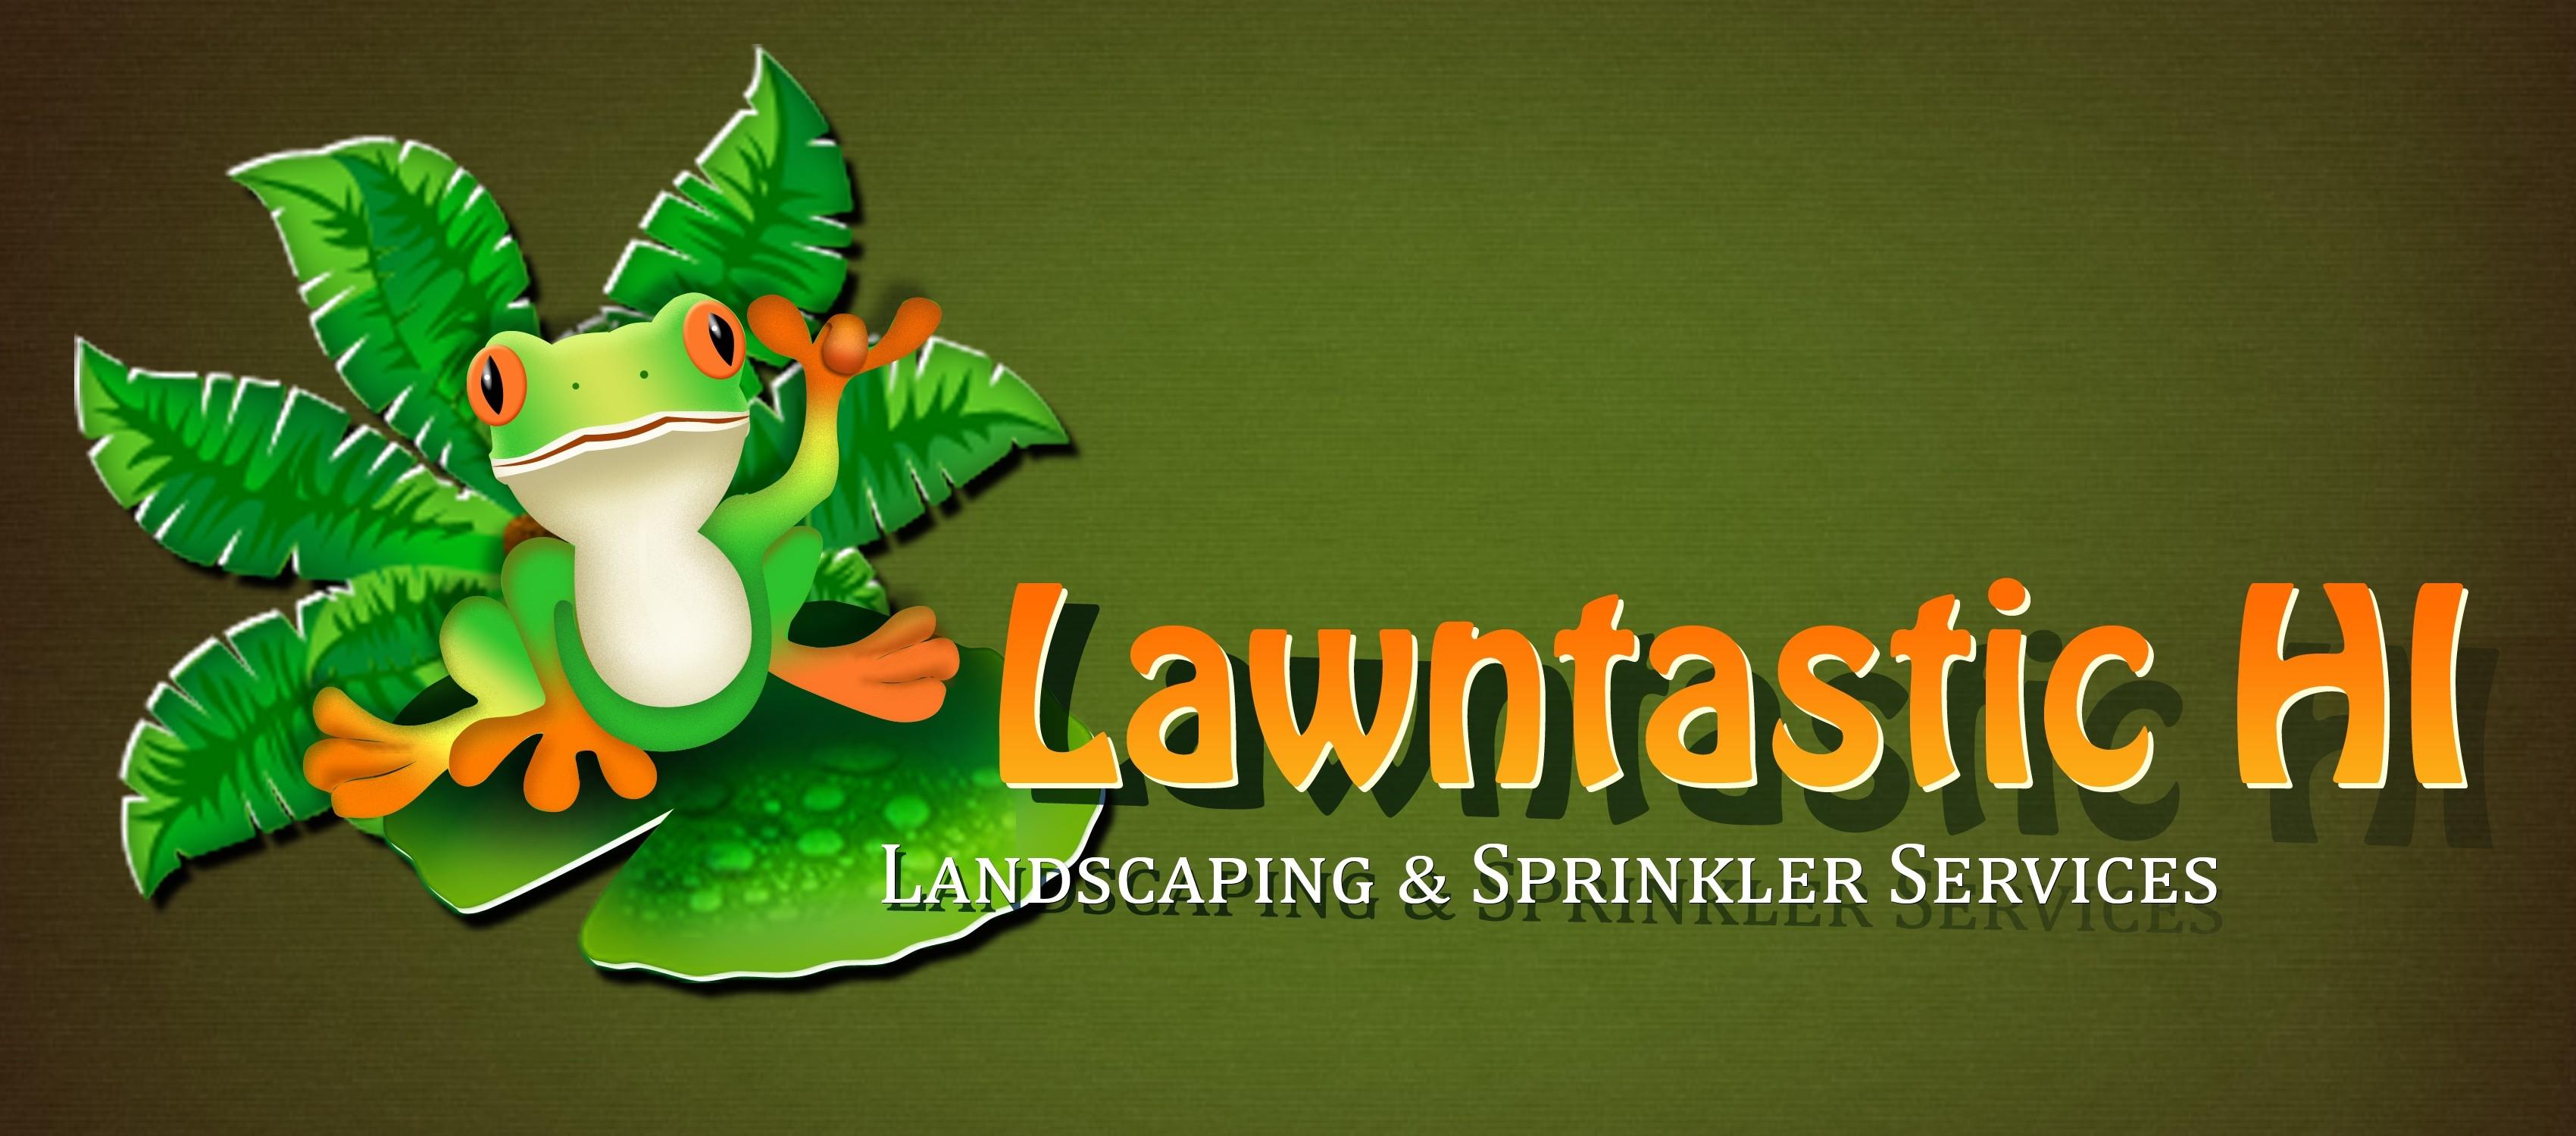 Lawntastic Hawaii, Landscaping, Sprinkler & Fencing Services